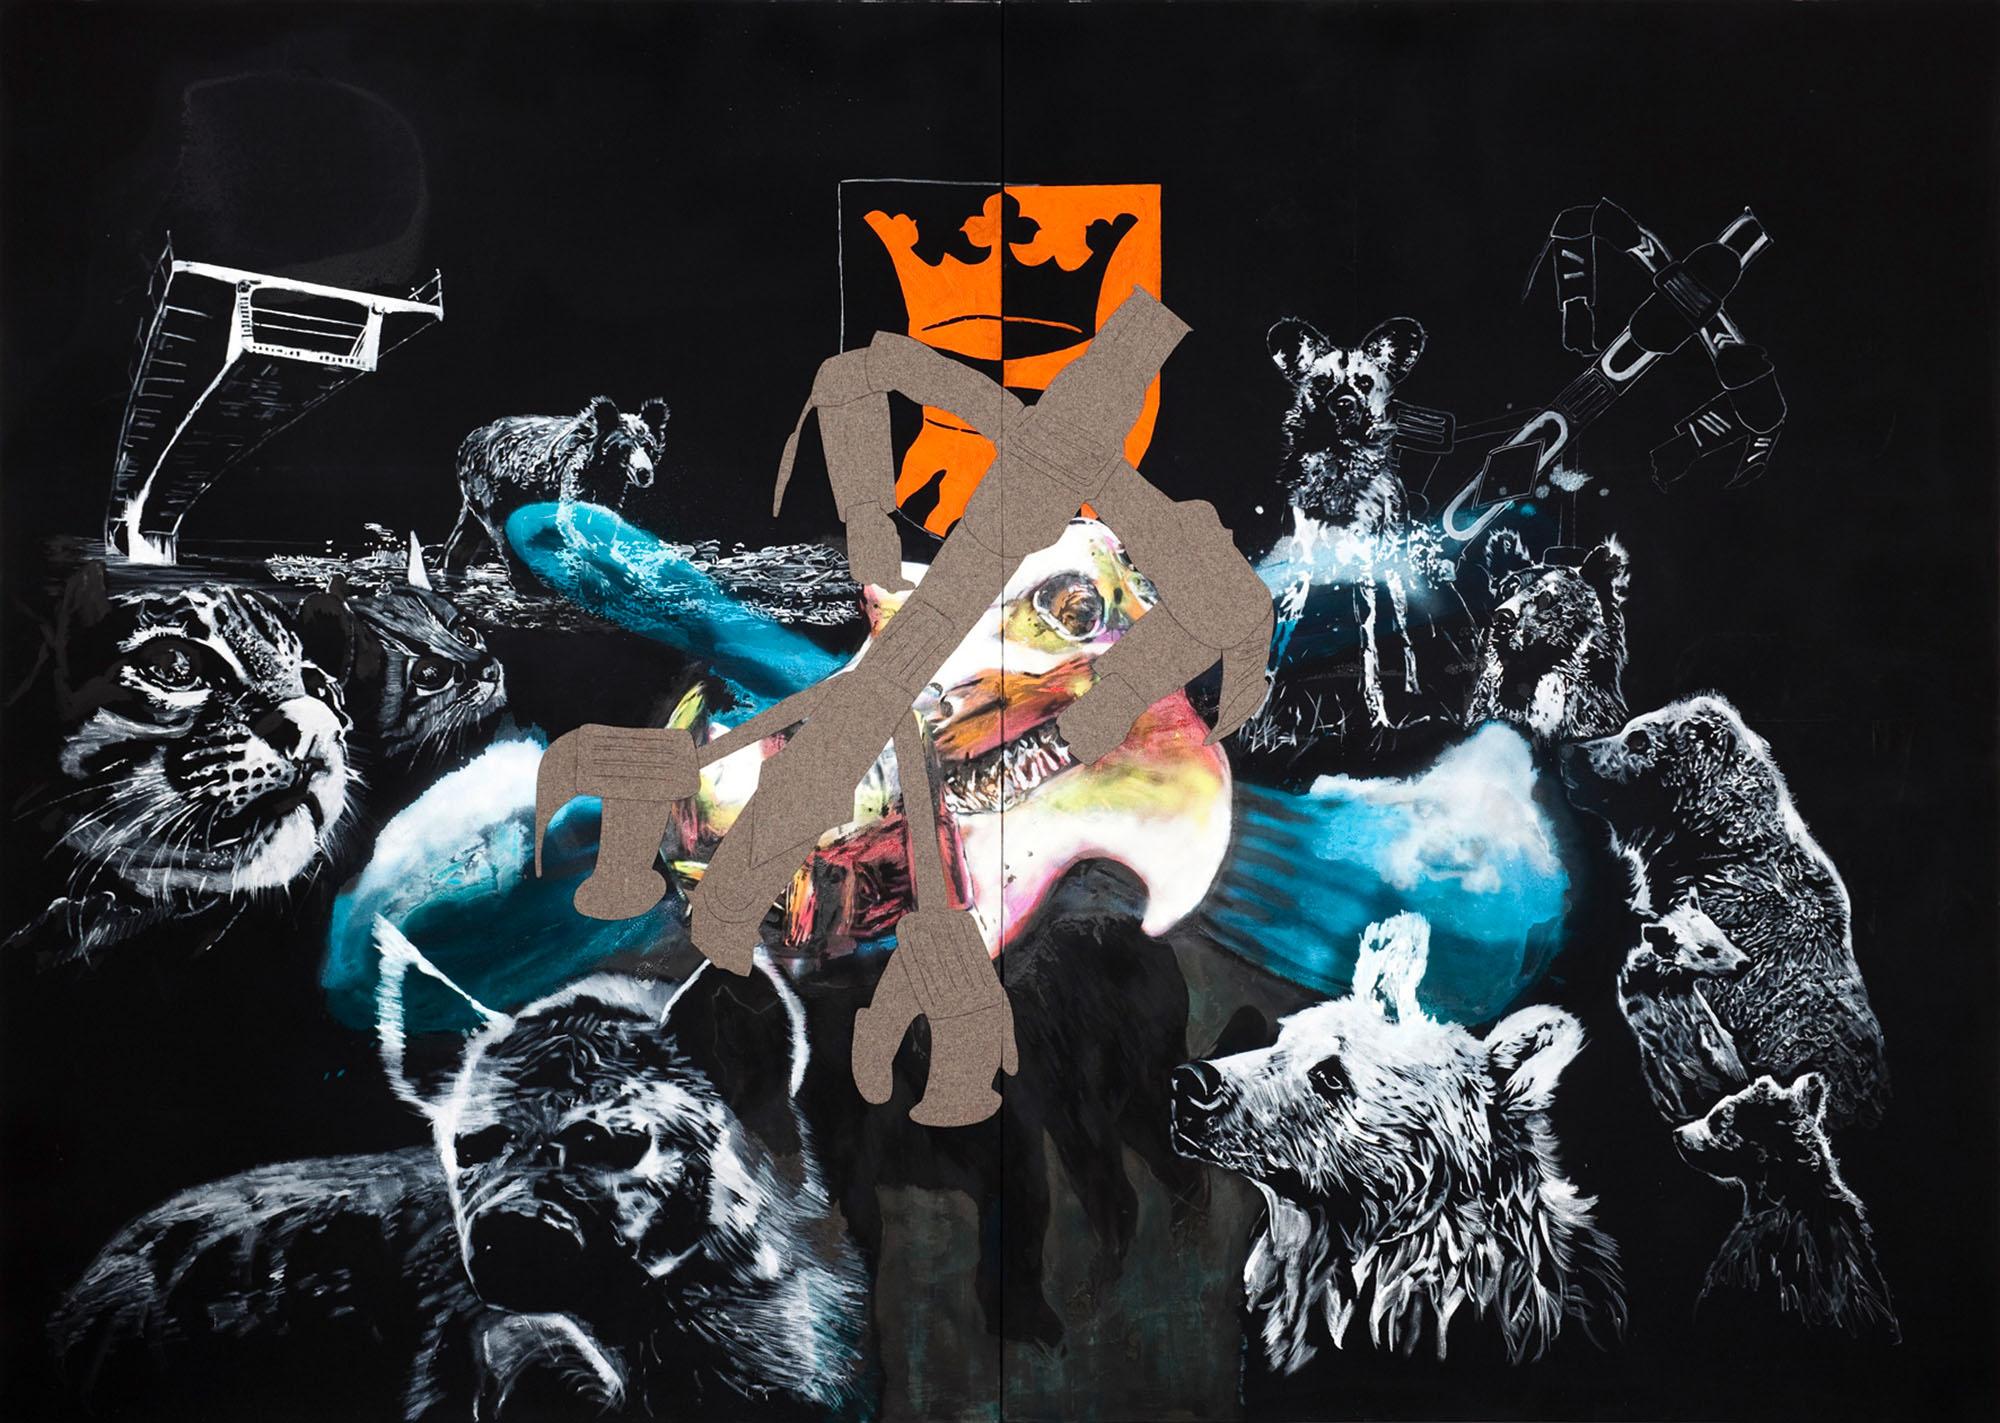 """o.T. aus """"Krähen Kommen -Titanweiß"""", 2009, 270 x 380 cm, 2-teilig, Mischtechnik & Filz-Applikation auf Leinwand"""